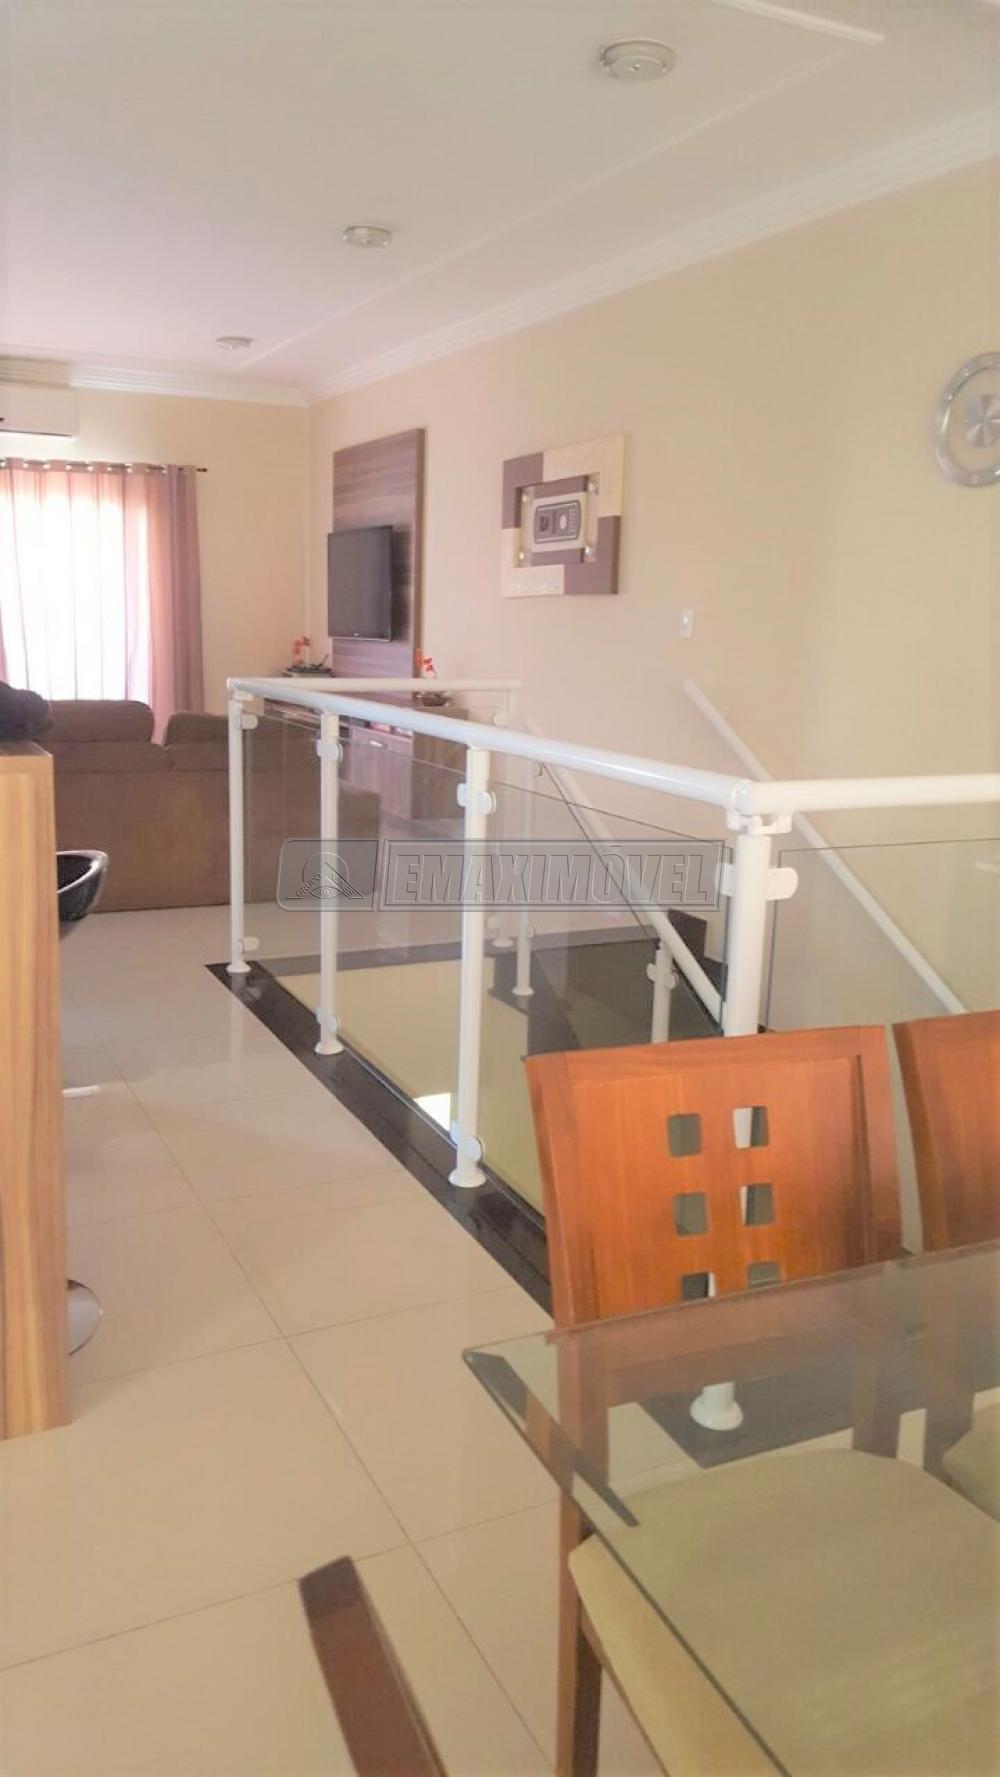 Alugar Casas / em Condomínios em Sorocaba apenas R$ 4.400,00 - Foto 4